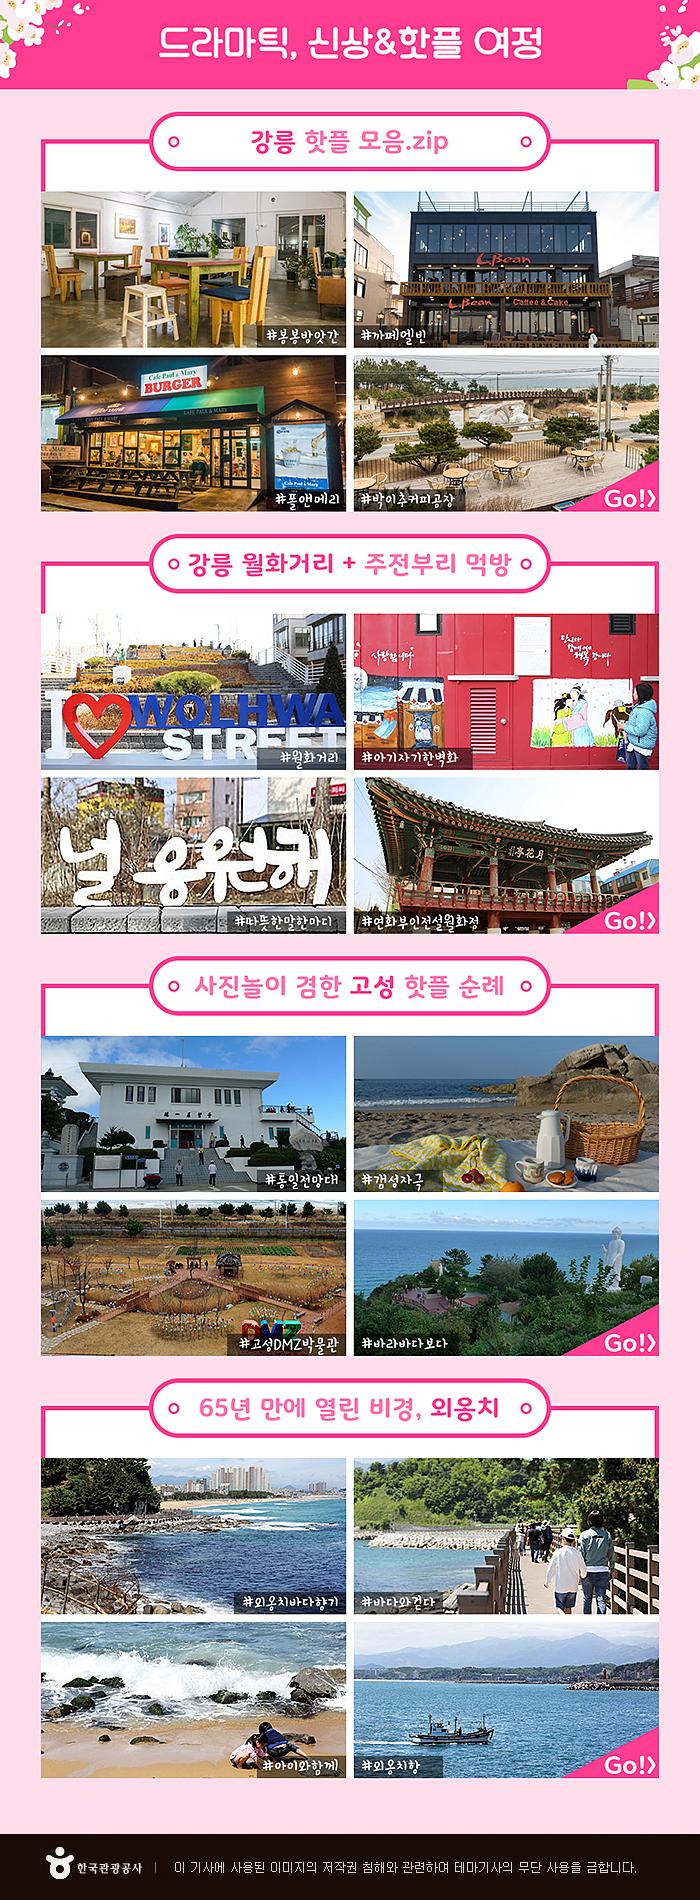 드라마틱, 신상&핫플 여정